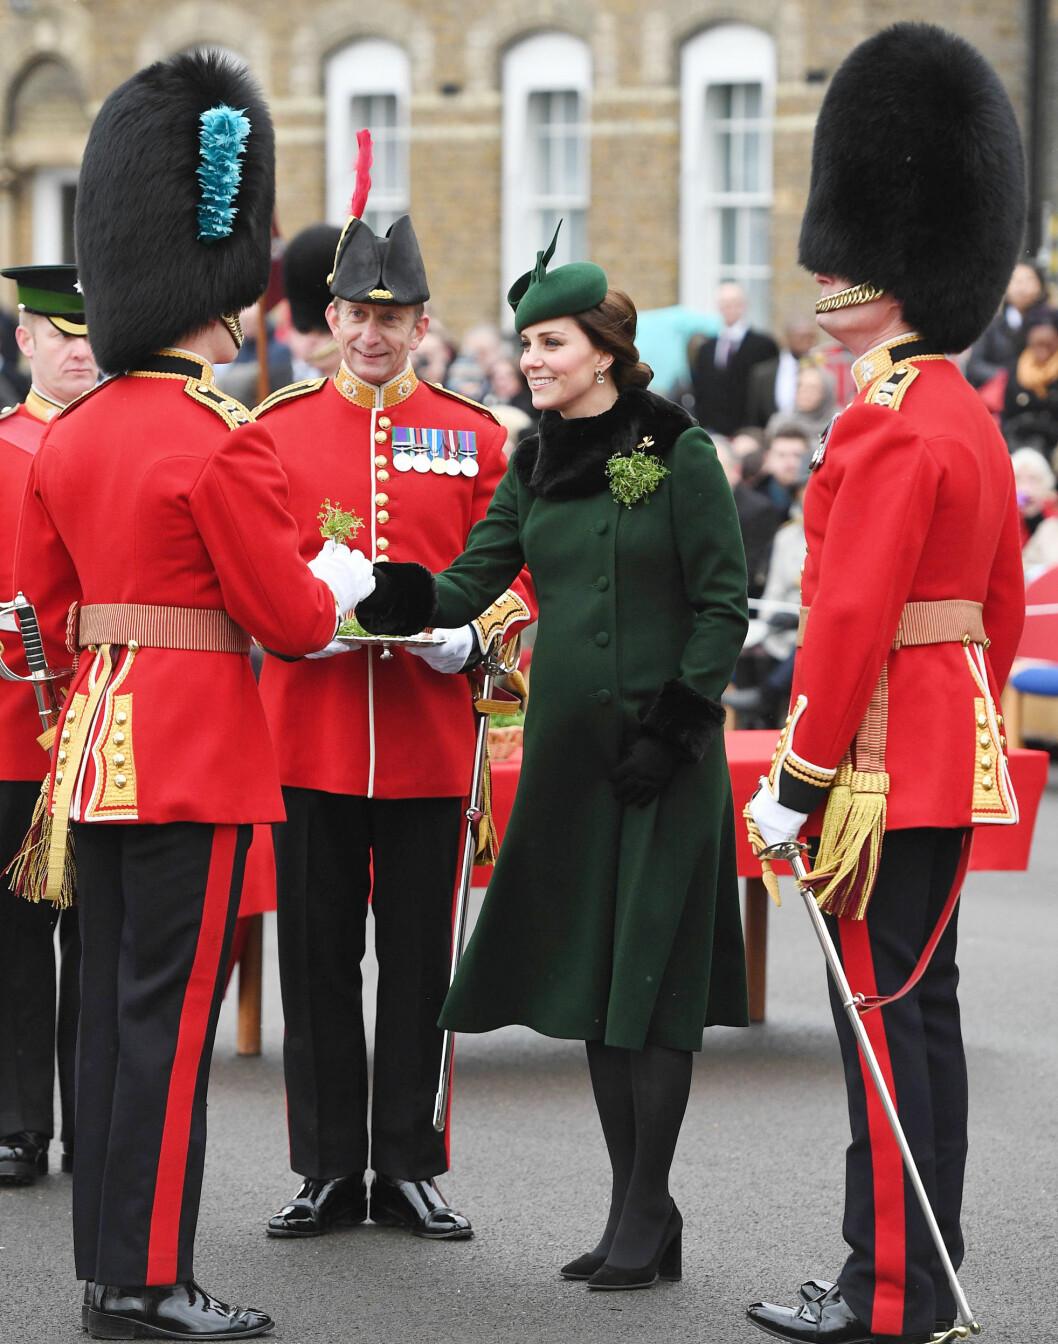 ST. PATRICK'S DAY: Hertuginne Kate var med da den tradisjonsrike høytiden St Patrick's Day ble feiret i Storbritannia og Irland den 17. mars. Foto: NTB Scanpix